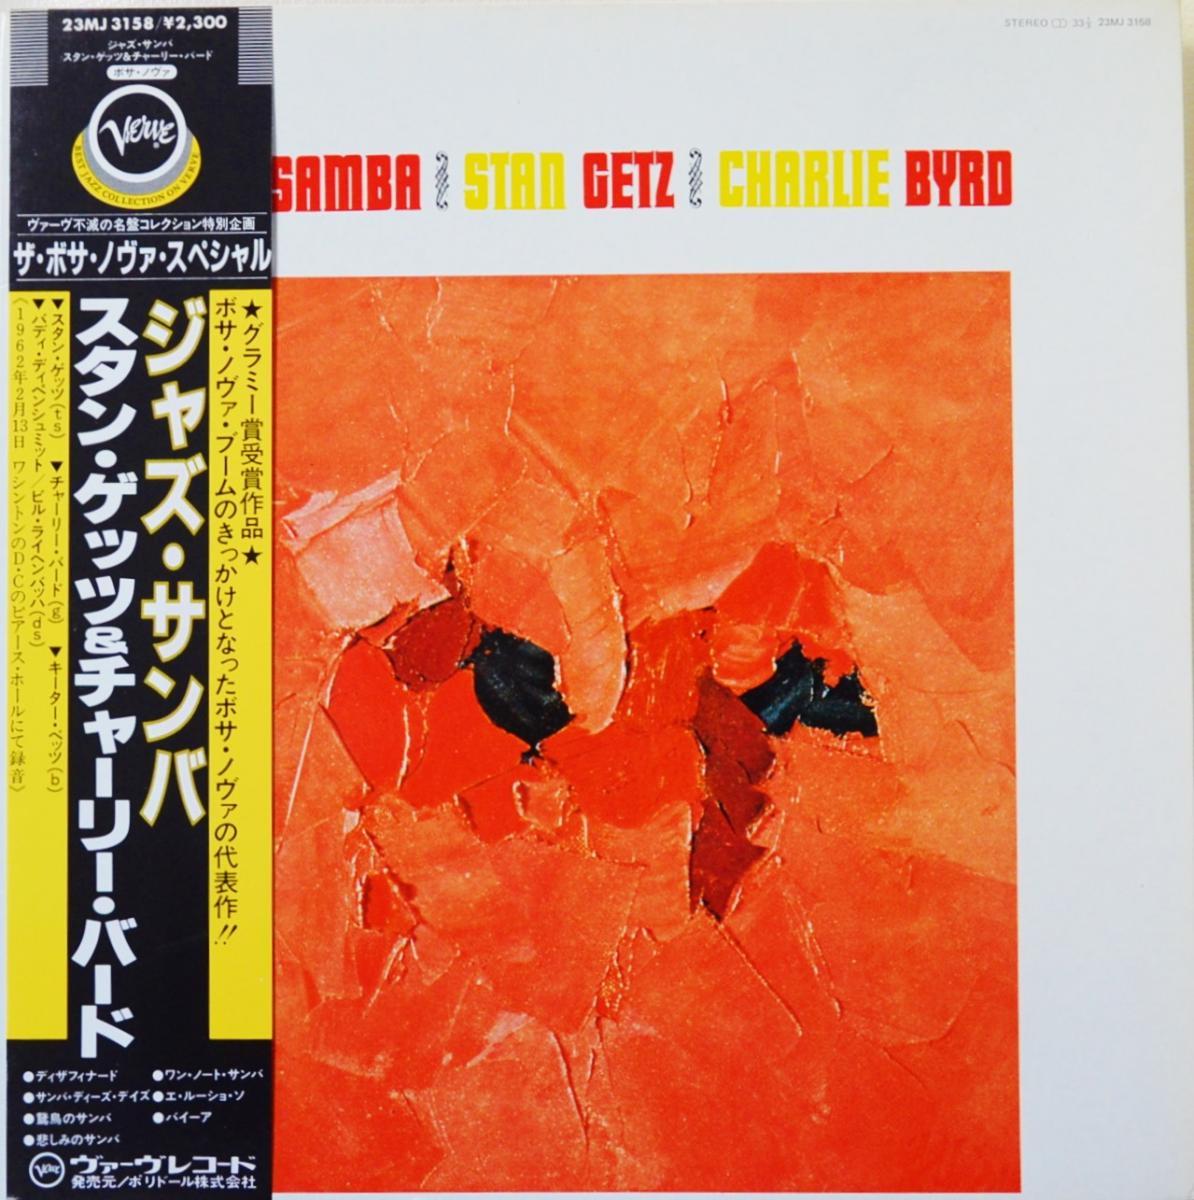 スタン・ゲッツ STAN GETZ / チャーリー・バード CHARLIE BYRD / ジャズ・サンバ JAZZ SAMBA (LP)